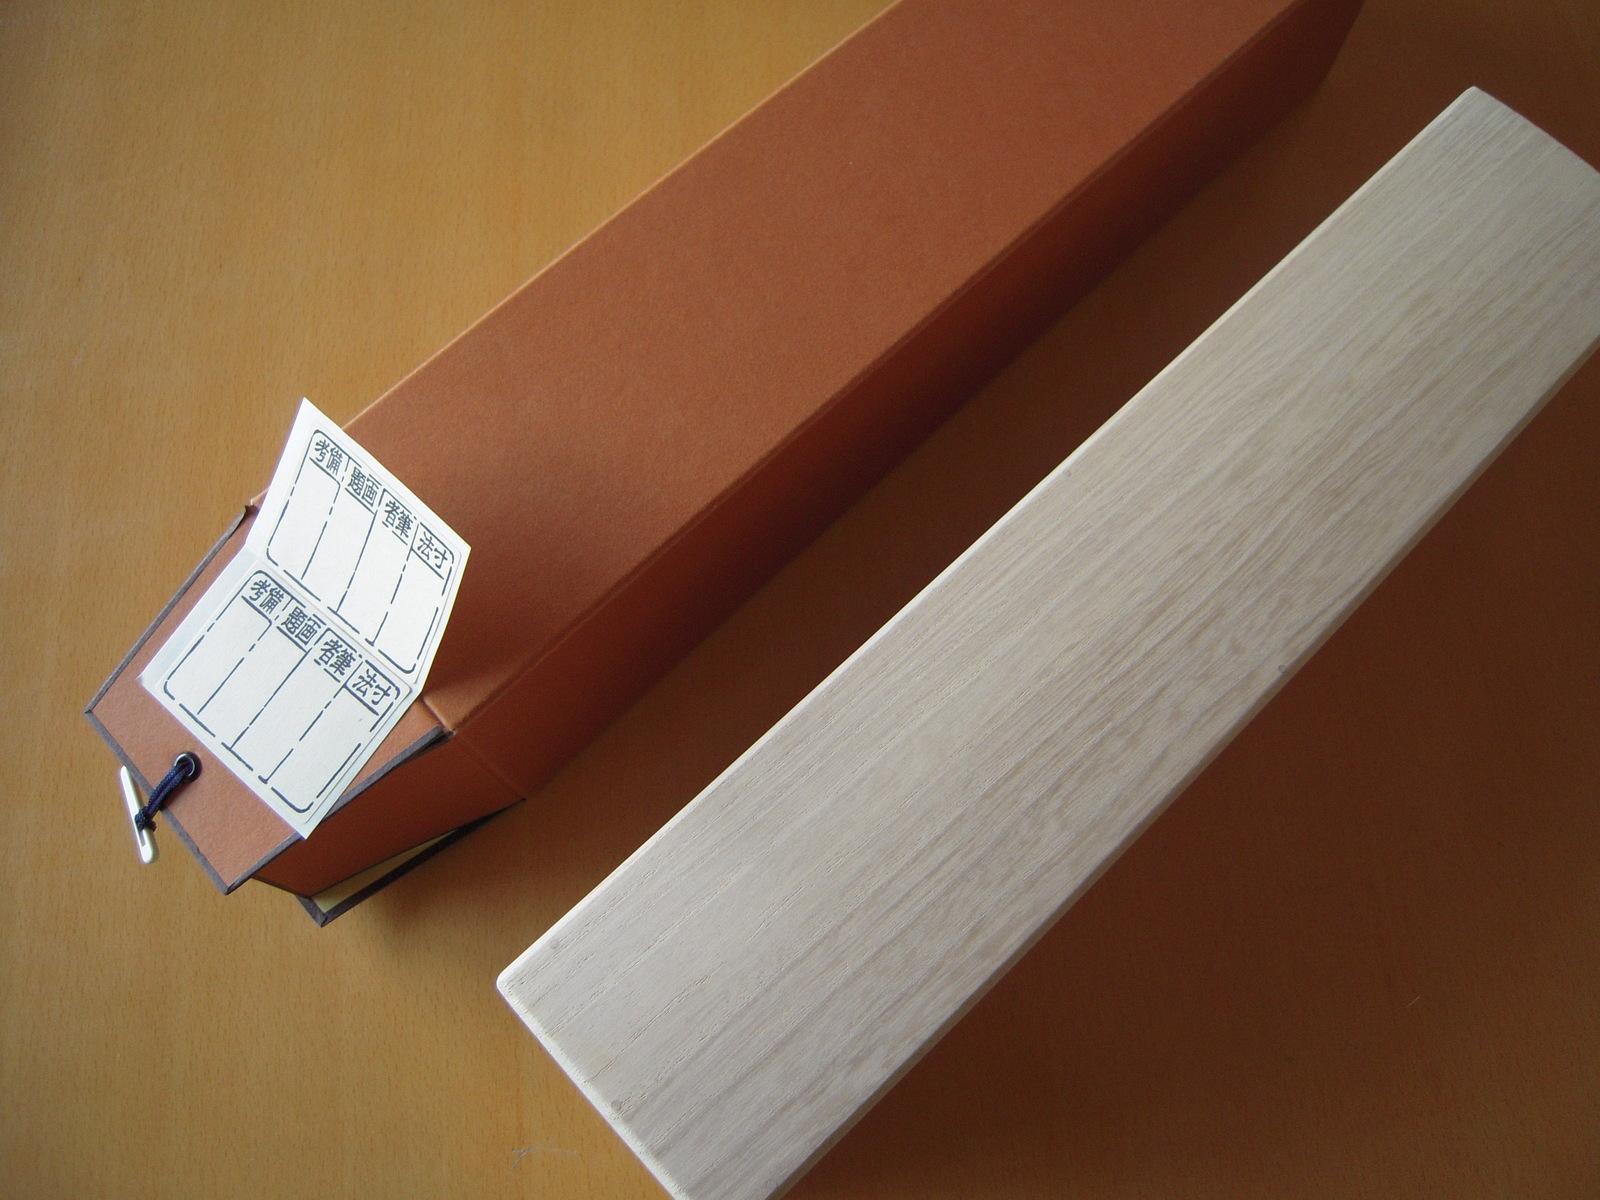 掛け軸箱 1尺4寸5分 全品送料無料 D 439 W 57 H 62 145 単品 国産 虫除け シール 伝統工芸 タトウ紙 インテリア 安心の実績 高価 買取 強化中 賞状 手作り 収納 桐製 軸箱 安い